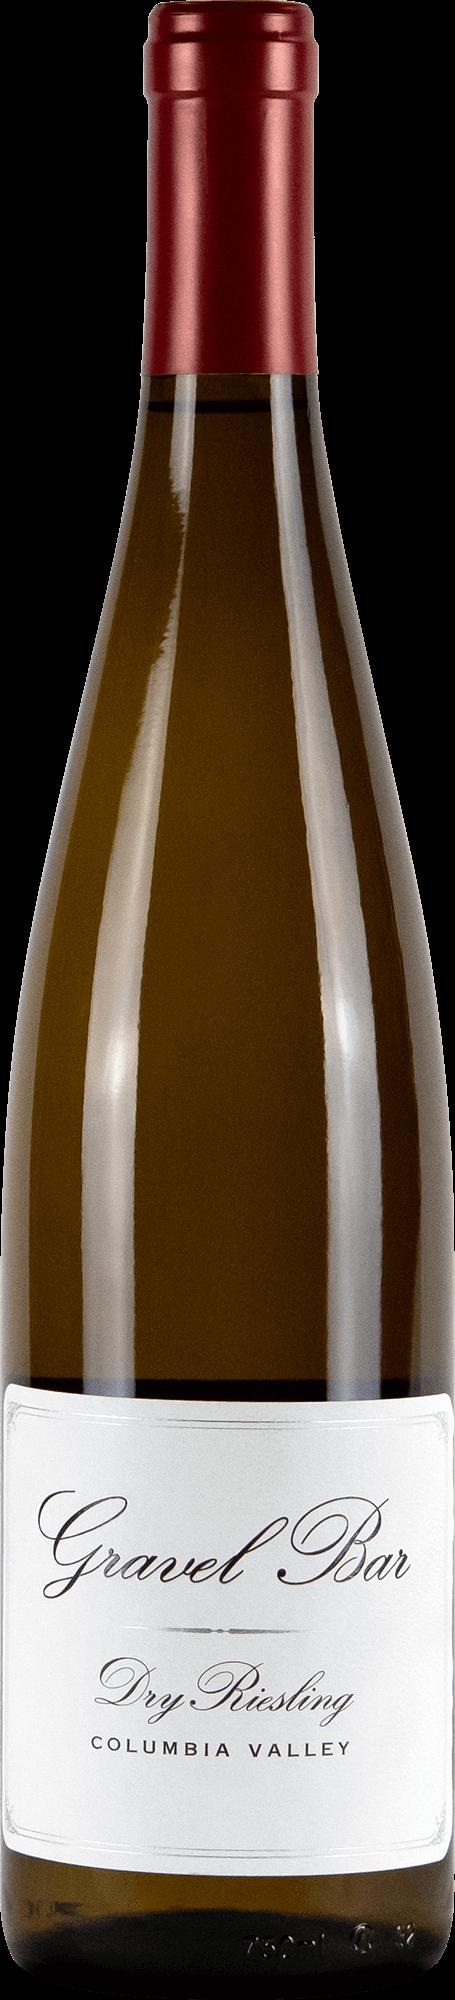 Gravel Bar Dry Riesling Bottleshot